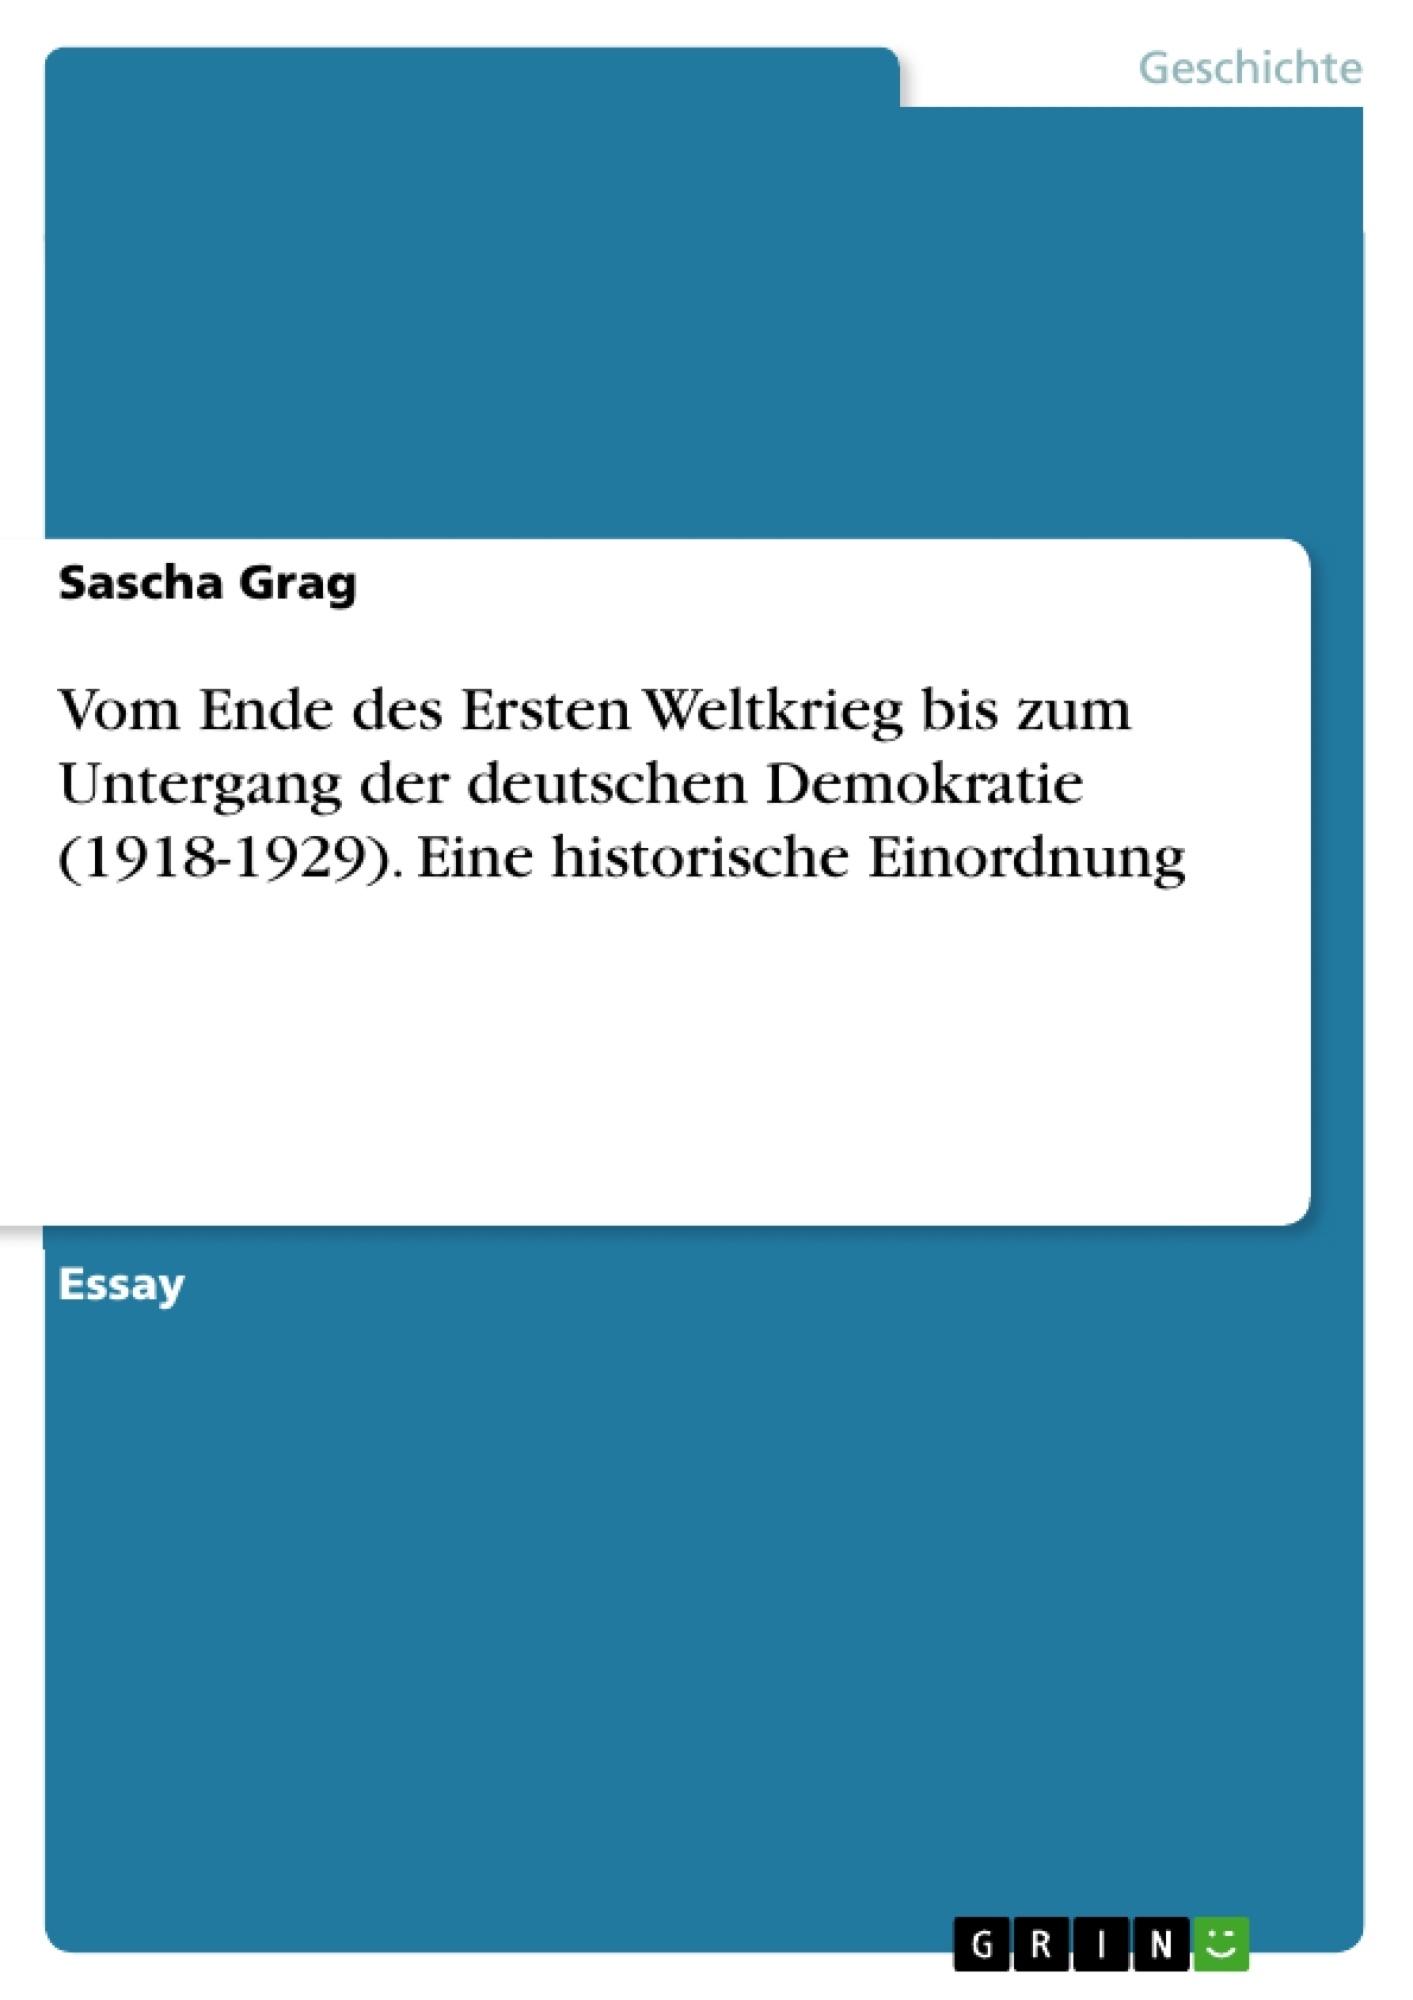 Titel: Vom Ende des Ersten Weltkrieg bis zum Untergang der deutschen Demokratie (1918-1929). Eine historische Einordnung